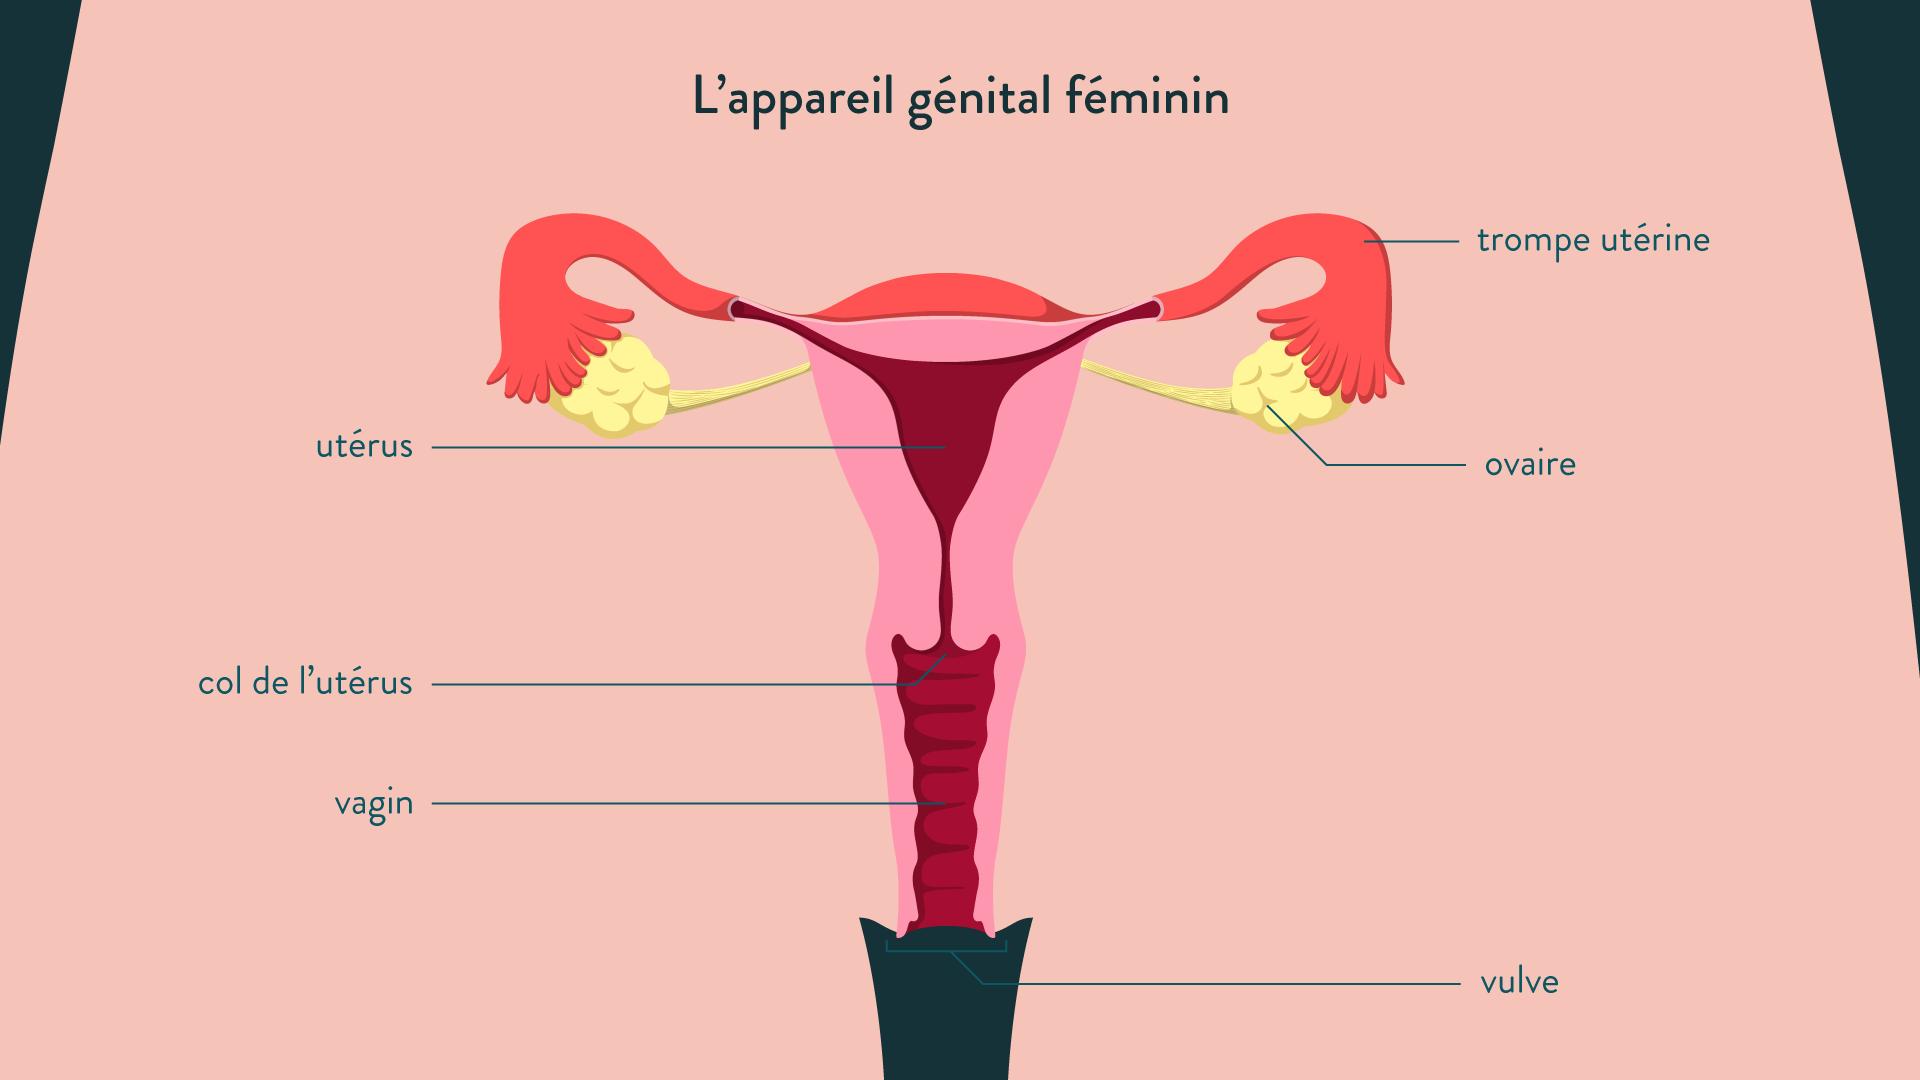 L'appareil génital féminin